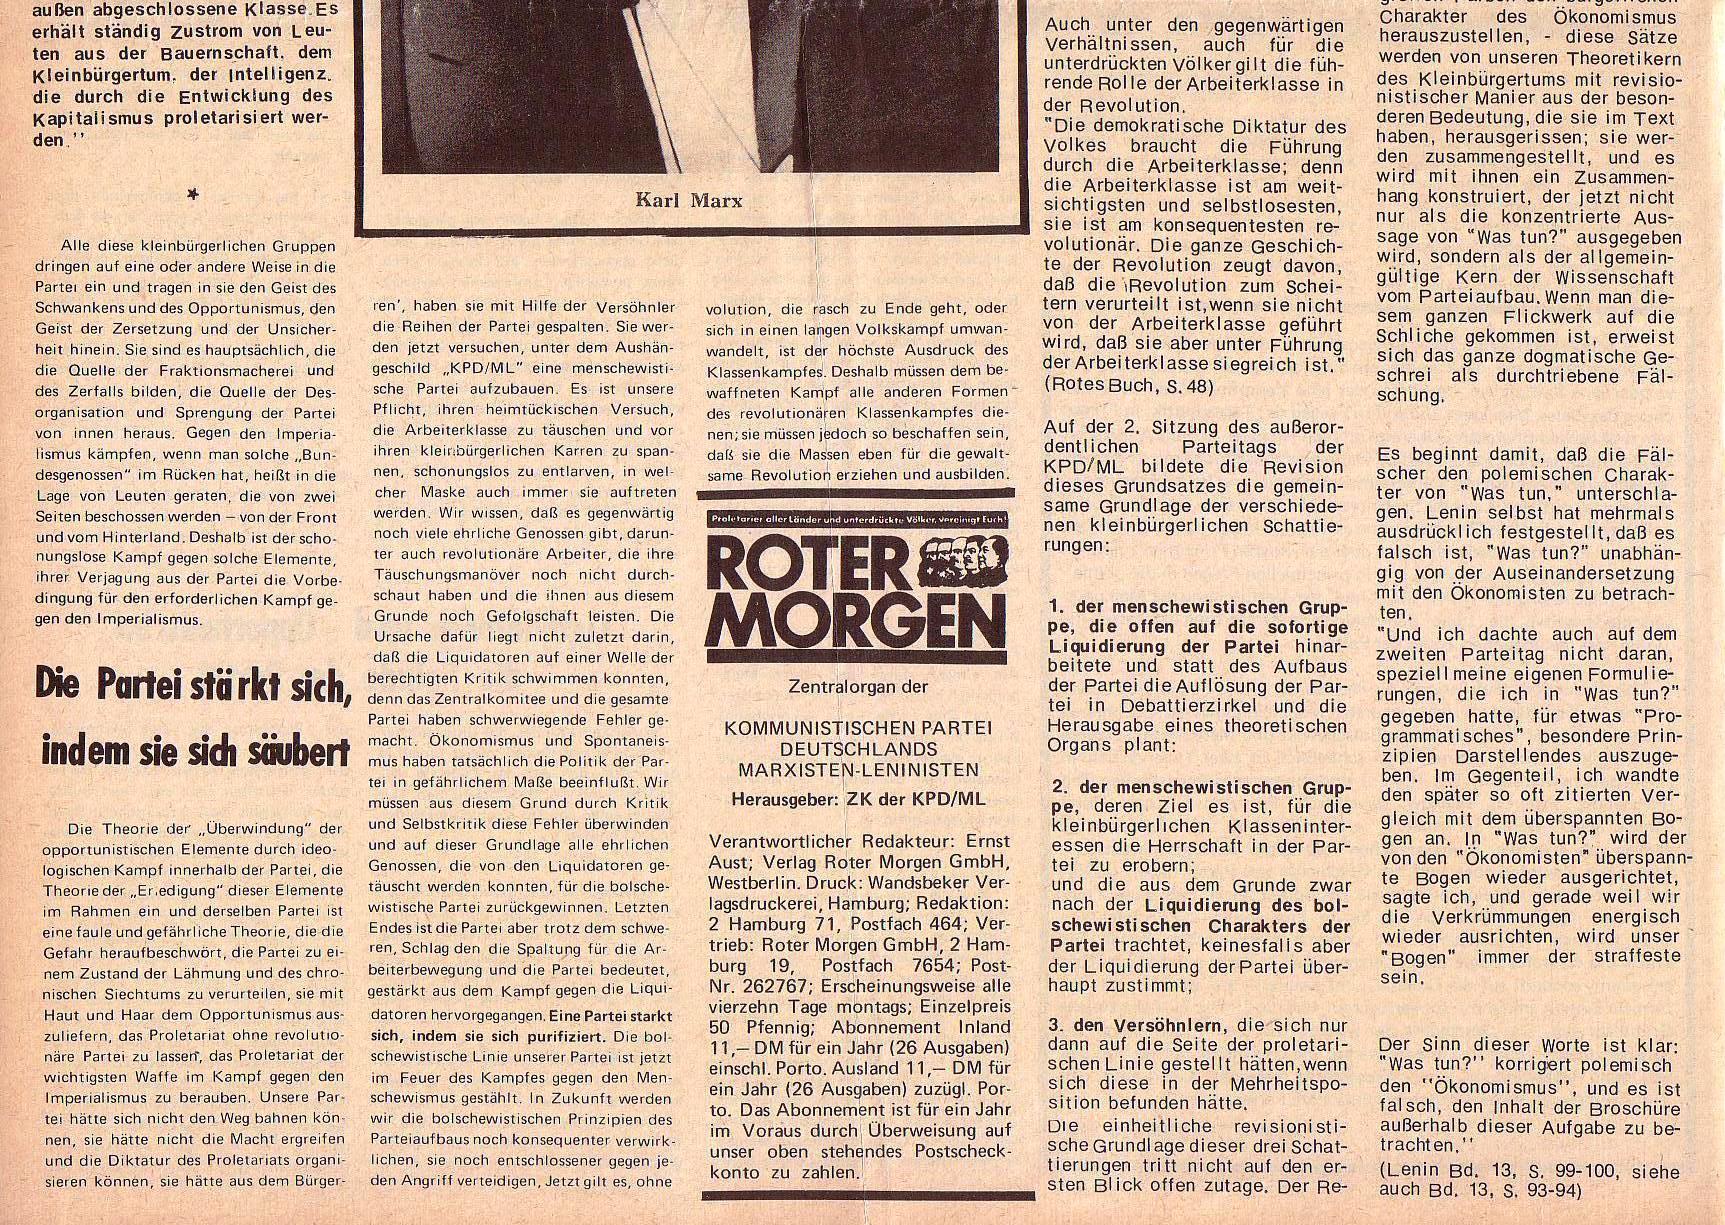 Roter Morgen, 5. Jg., 27. Dezember 1971, Sondernummer, Seite 2b